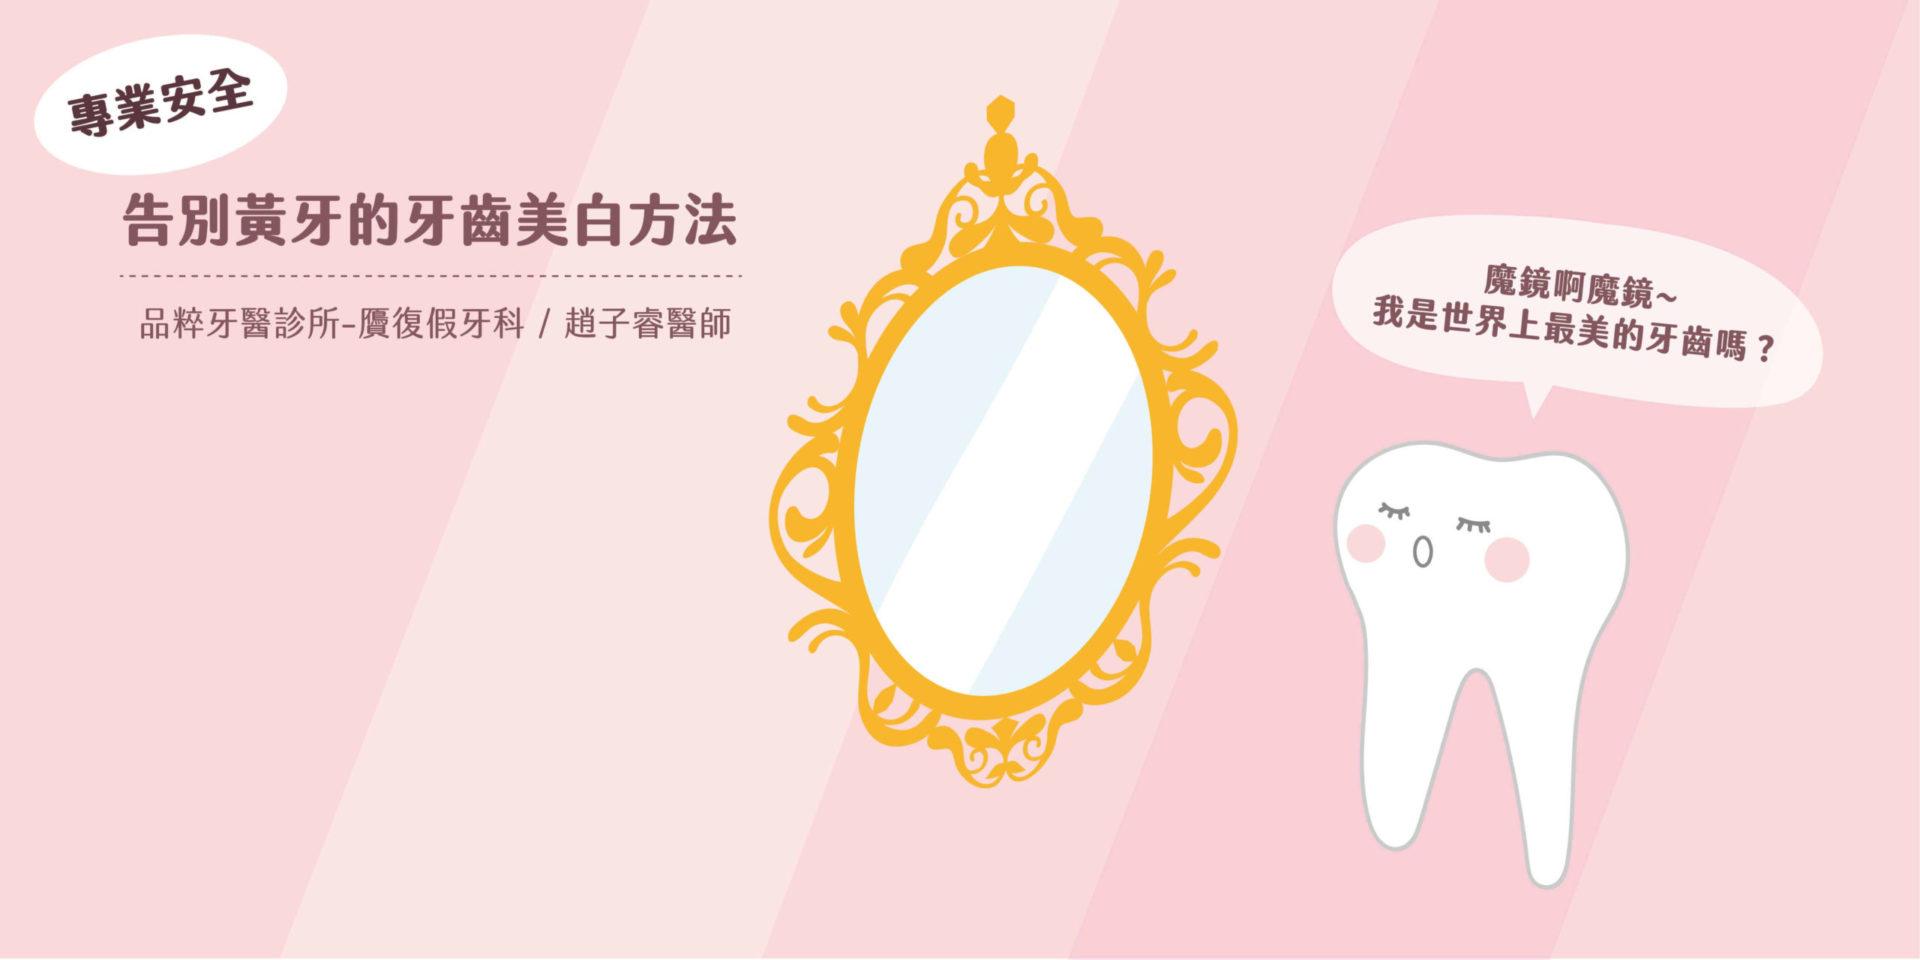 魔鏡啊魔境我是最漂亮的牙齒嗎?